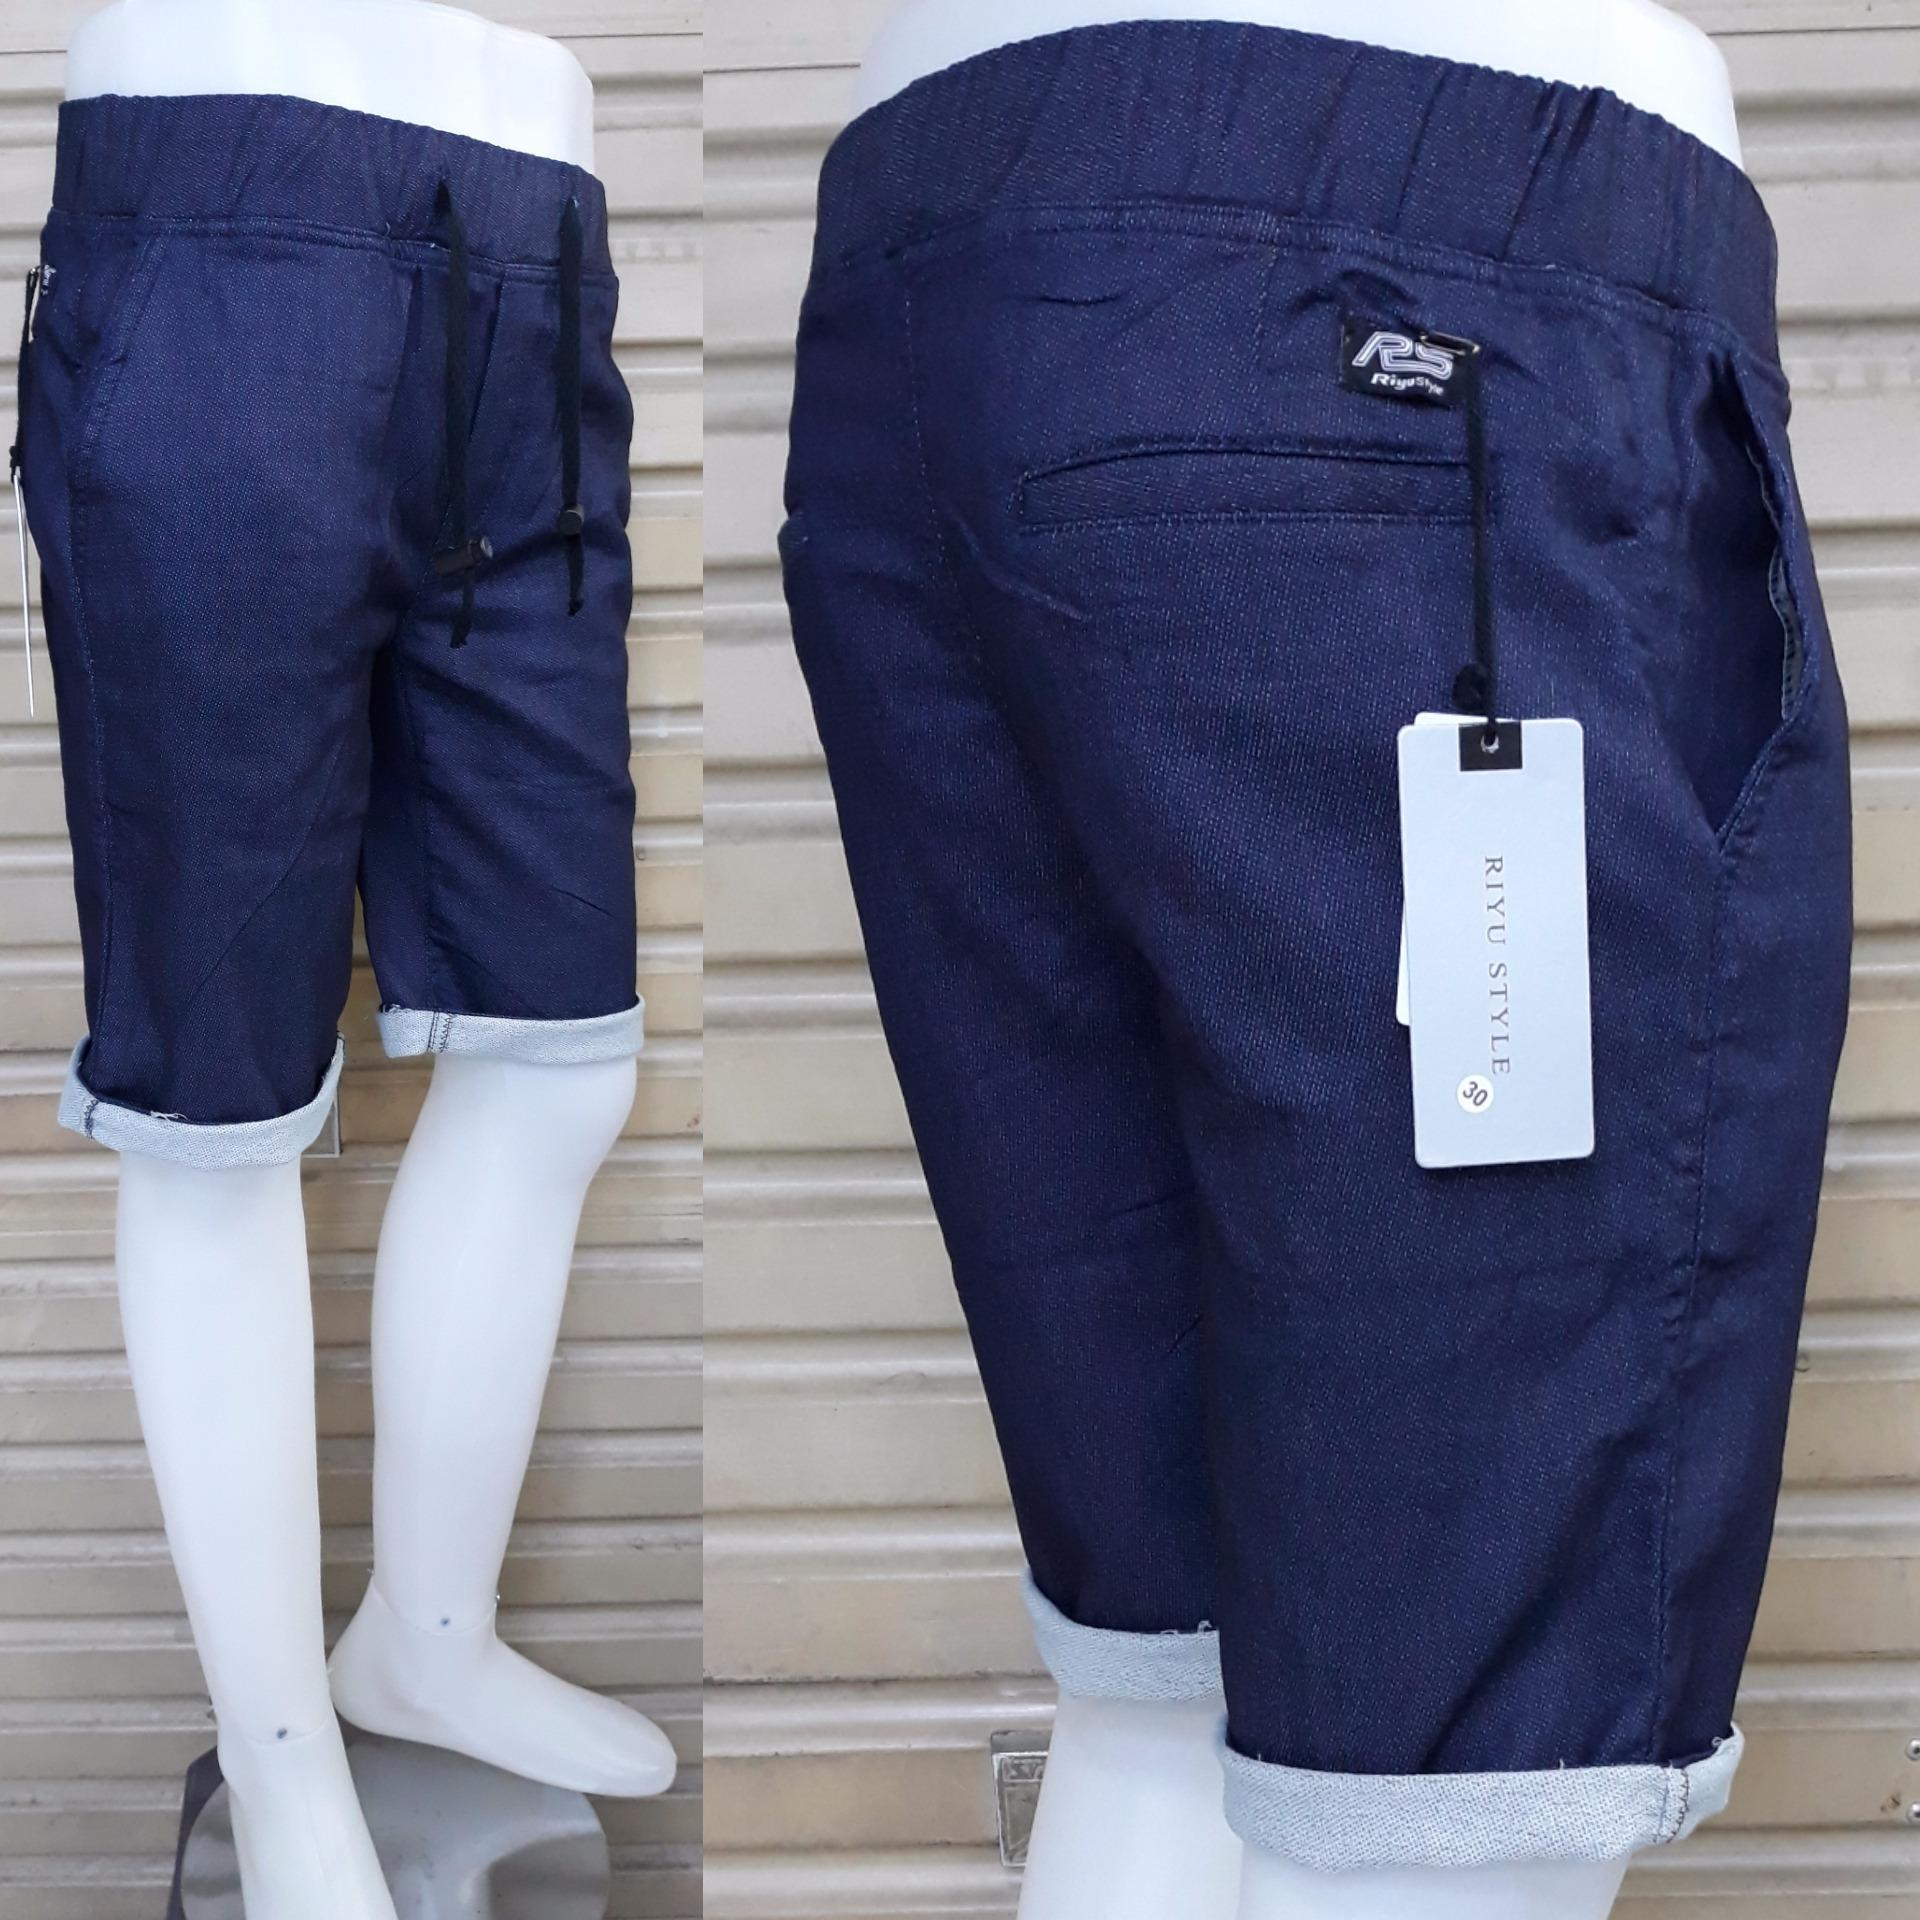 Produk Terlaris Bhl Celana Cargo Pendek Pria Hitam Info Harga Fashion Cocok Untuk Santai Pinggang Karet Bahan Denim Reguler Bagus Murah